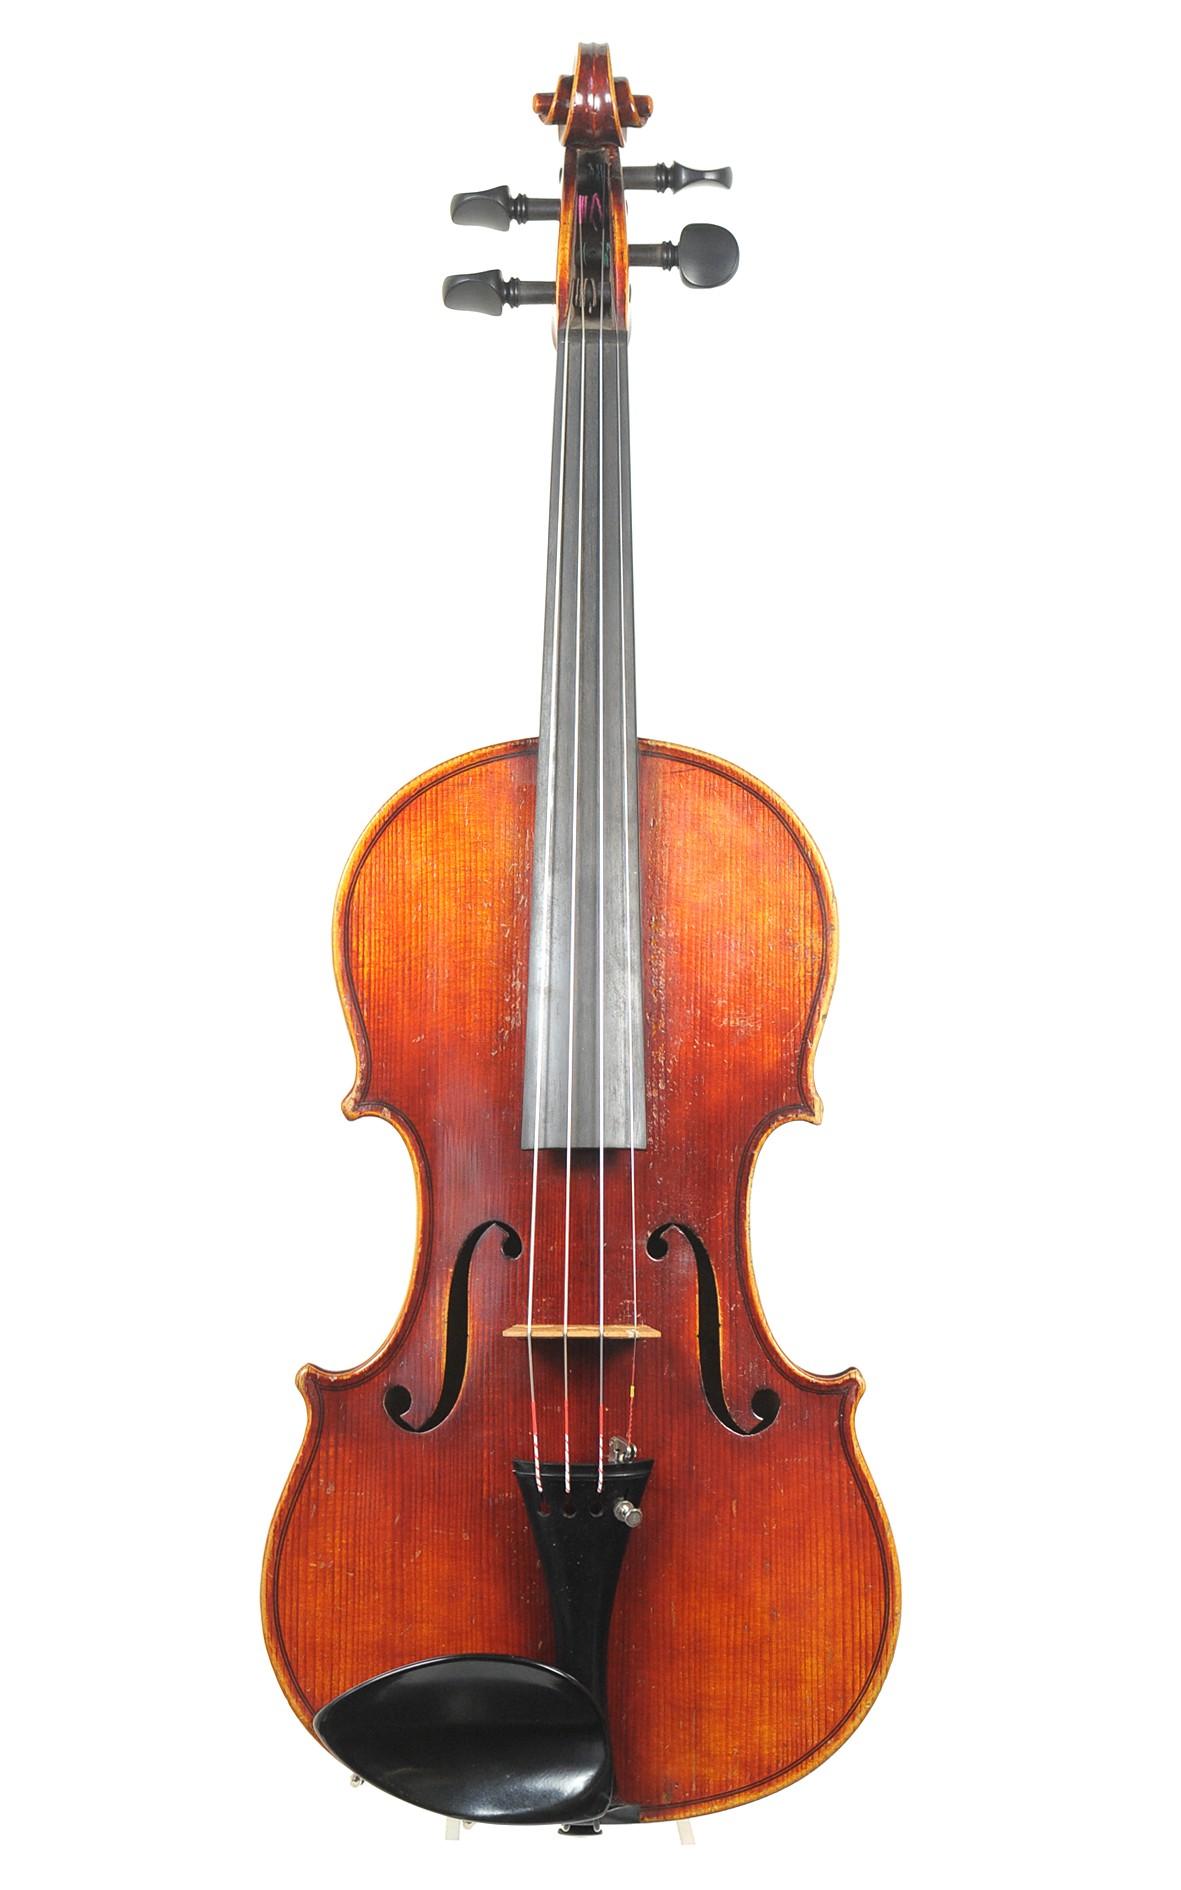 Wolff brothers, German violin Kreuznach, 1905